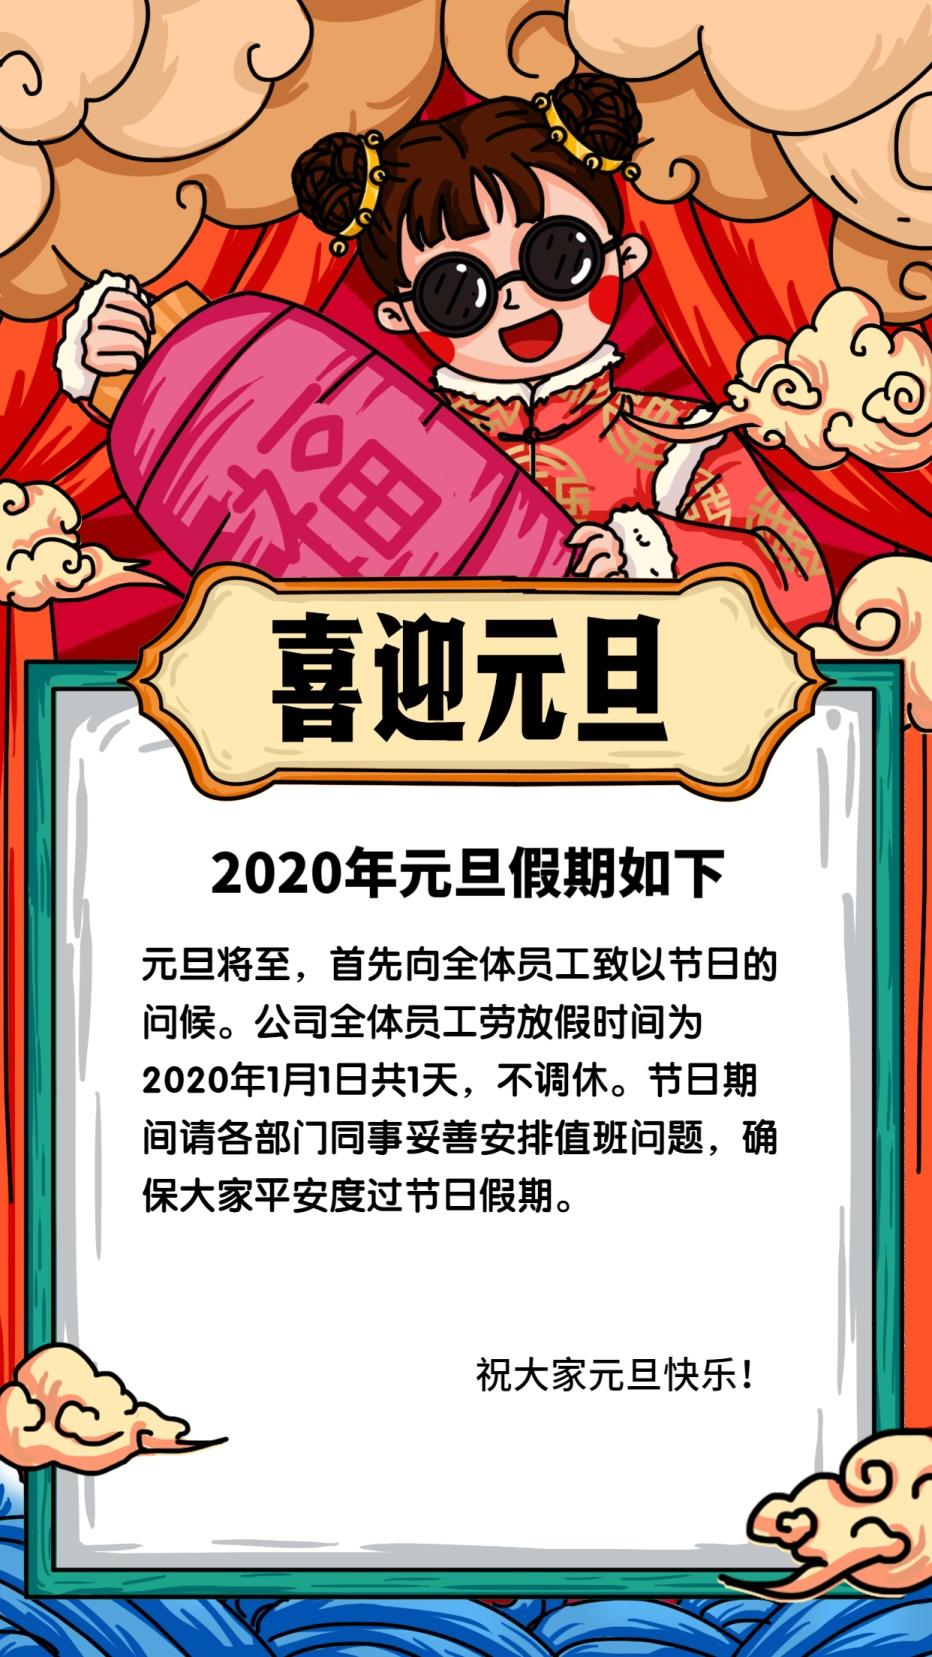 元旦春节/节日放假通知/手机海报